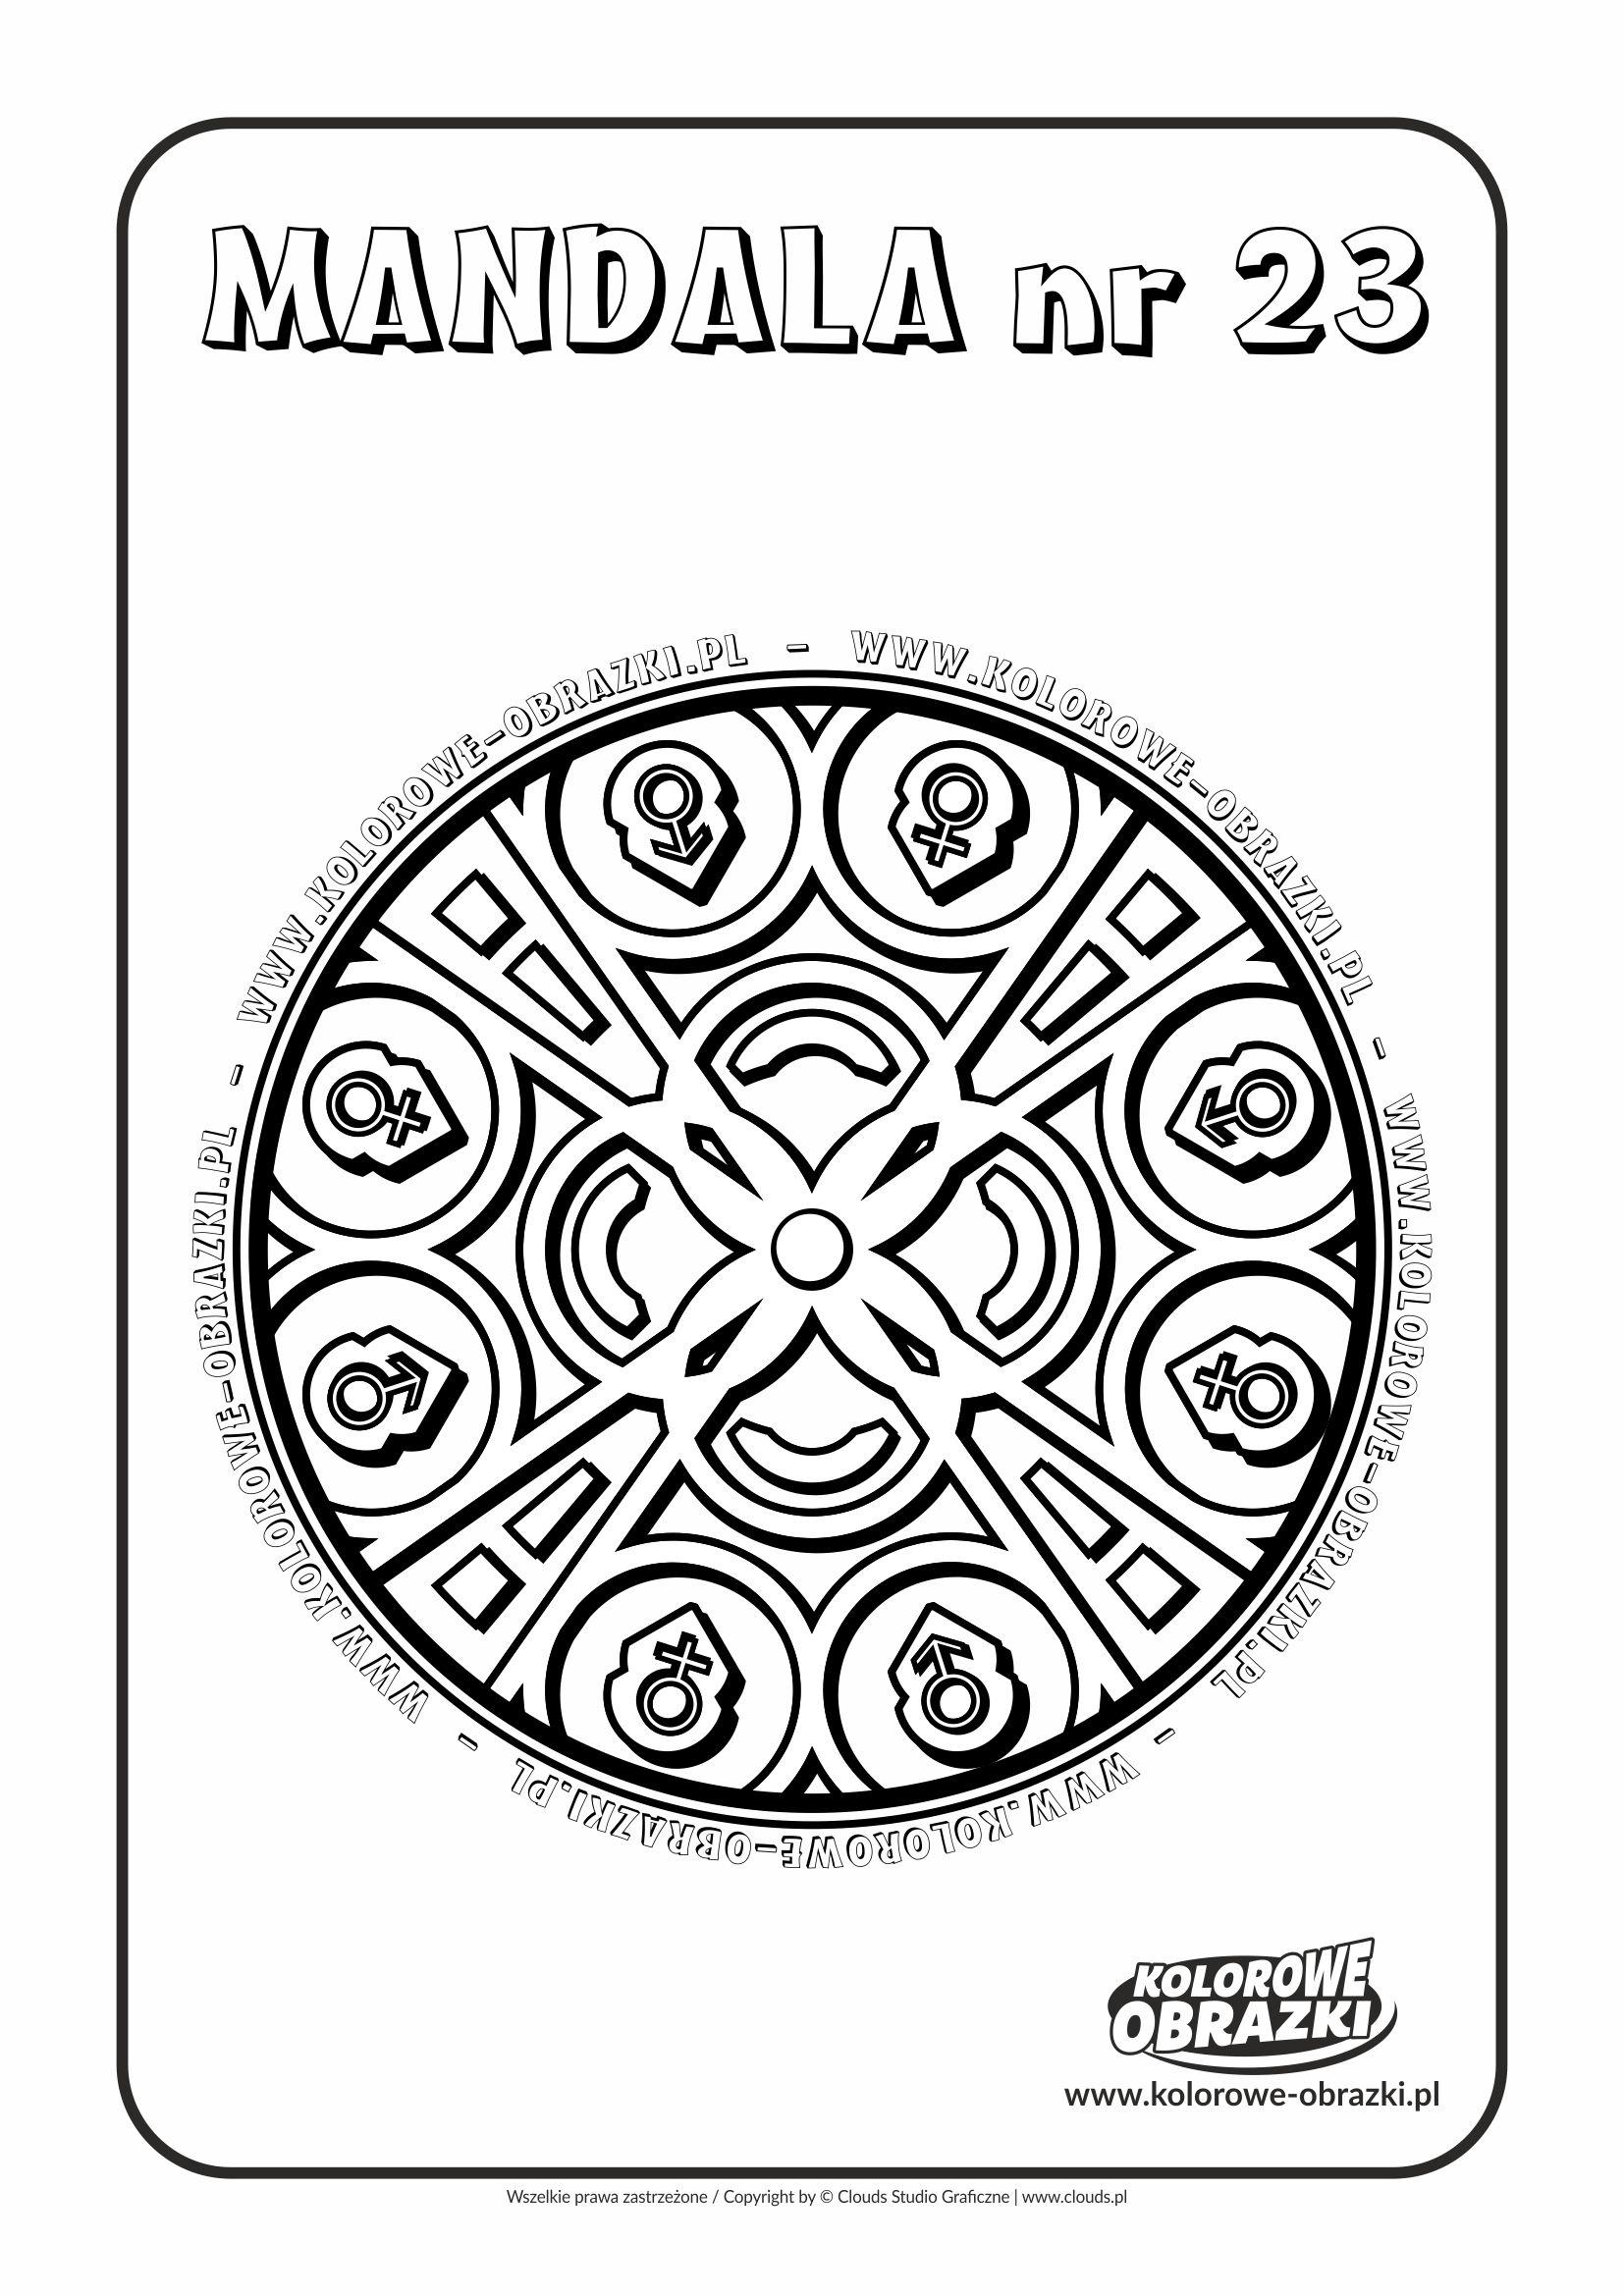 Kolorowanki dla dzieci - Mandale / Mandala nr 23. Kolorowanka z mandalą